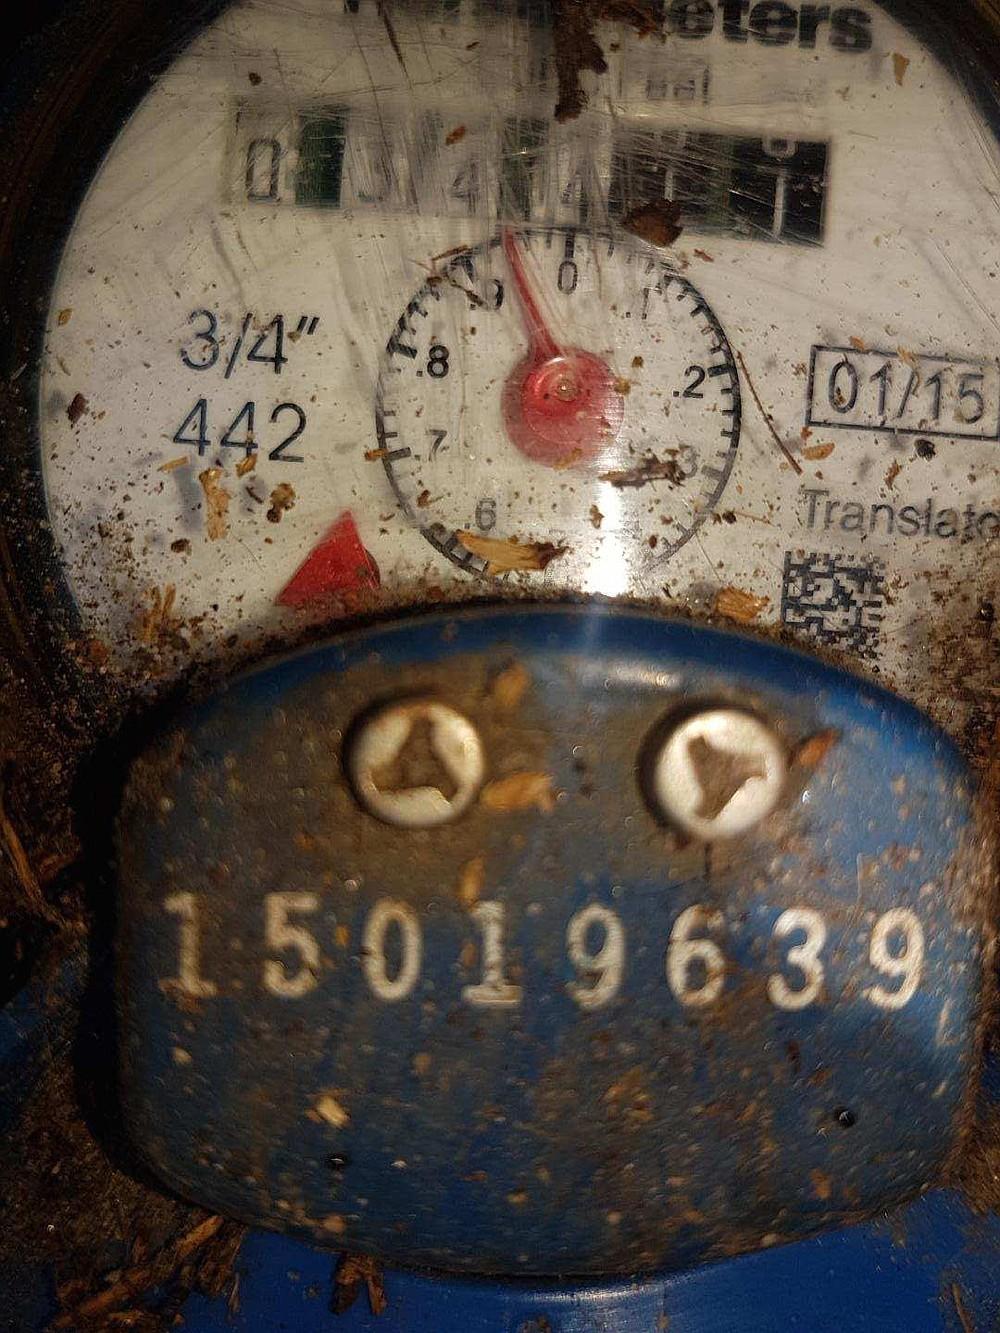 Water meter cleaned off